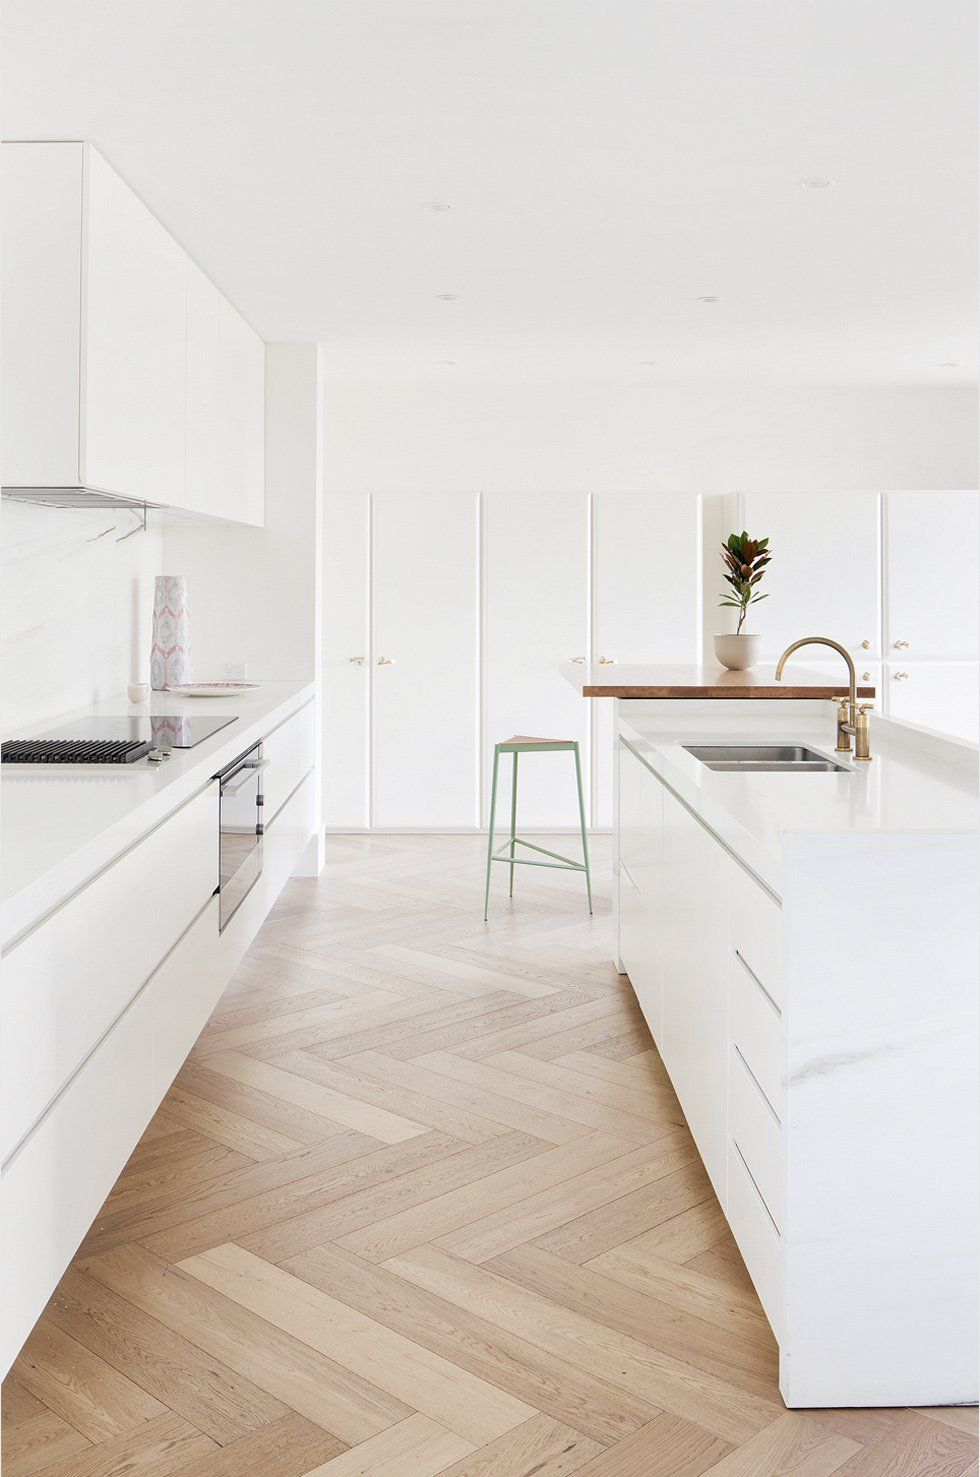 Pavimenti cucina • Guida alla scelta dei migliori materiali | Home ...